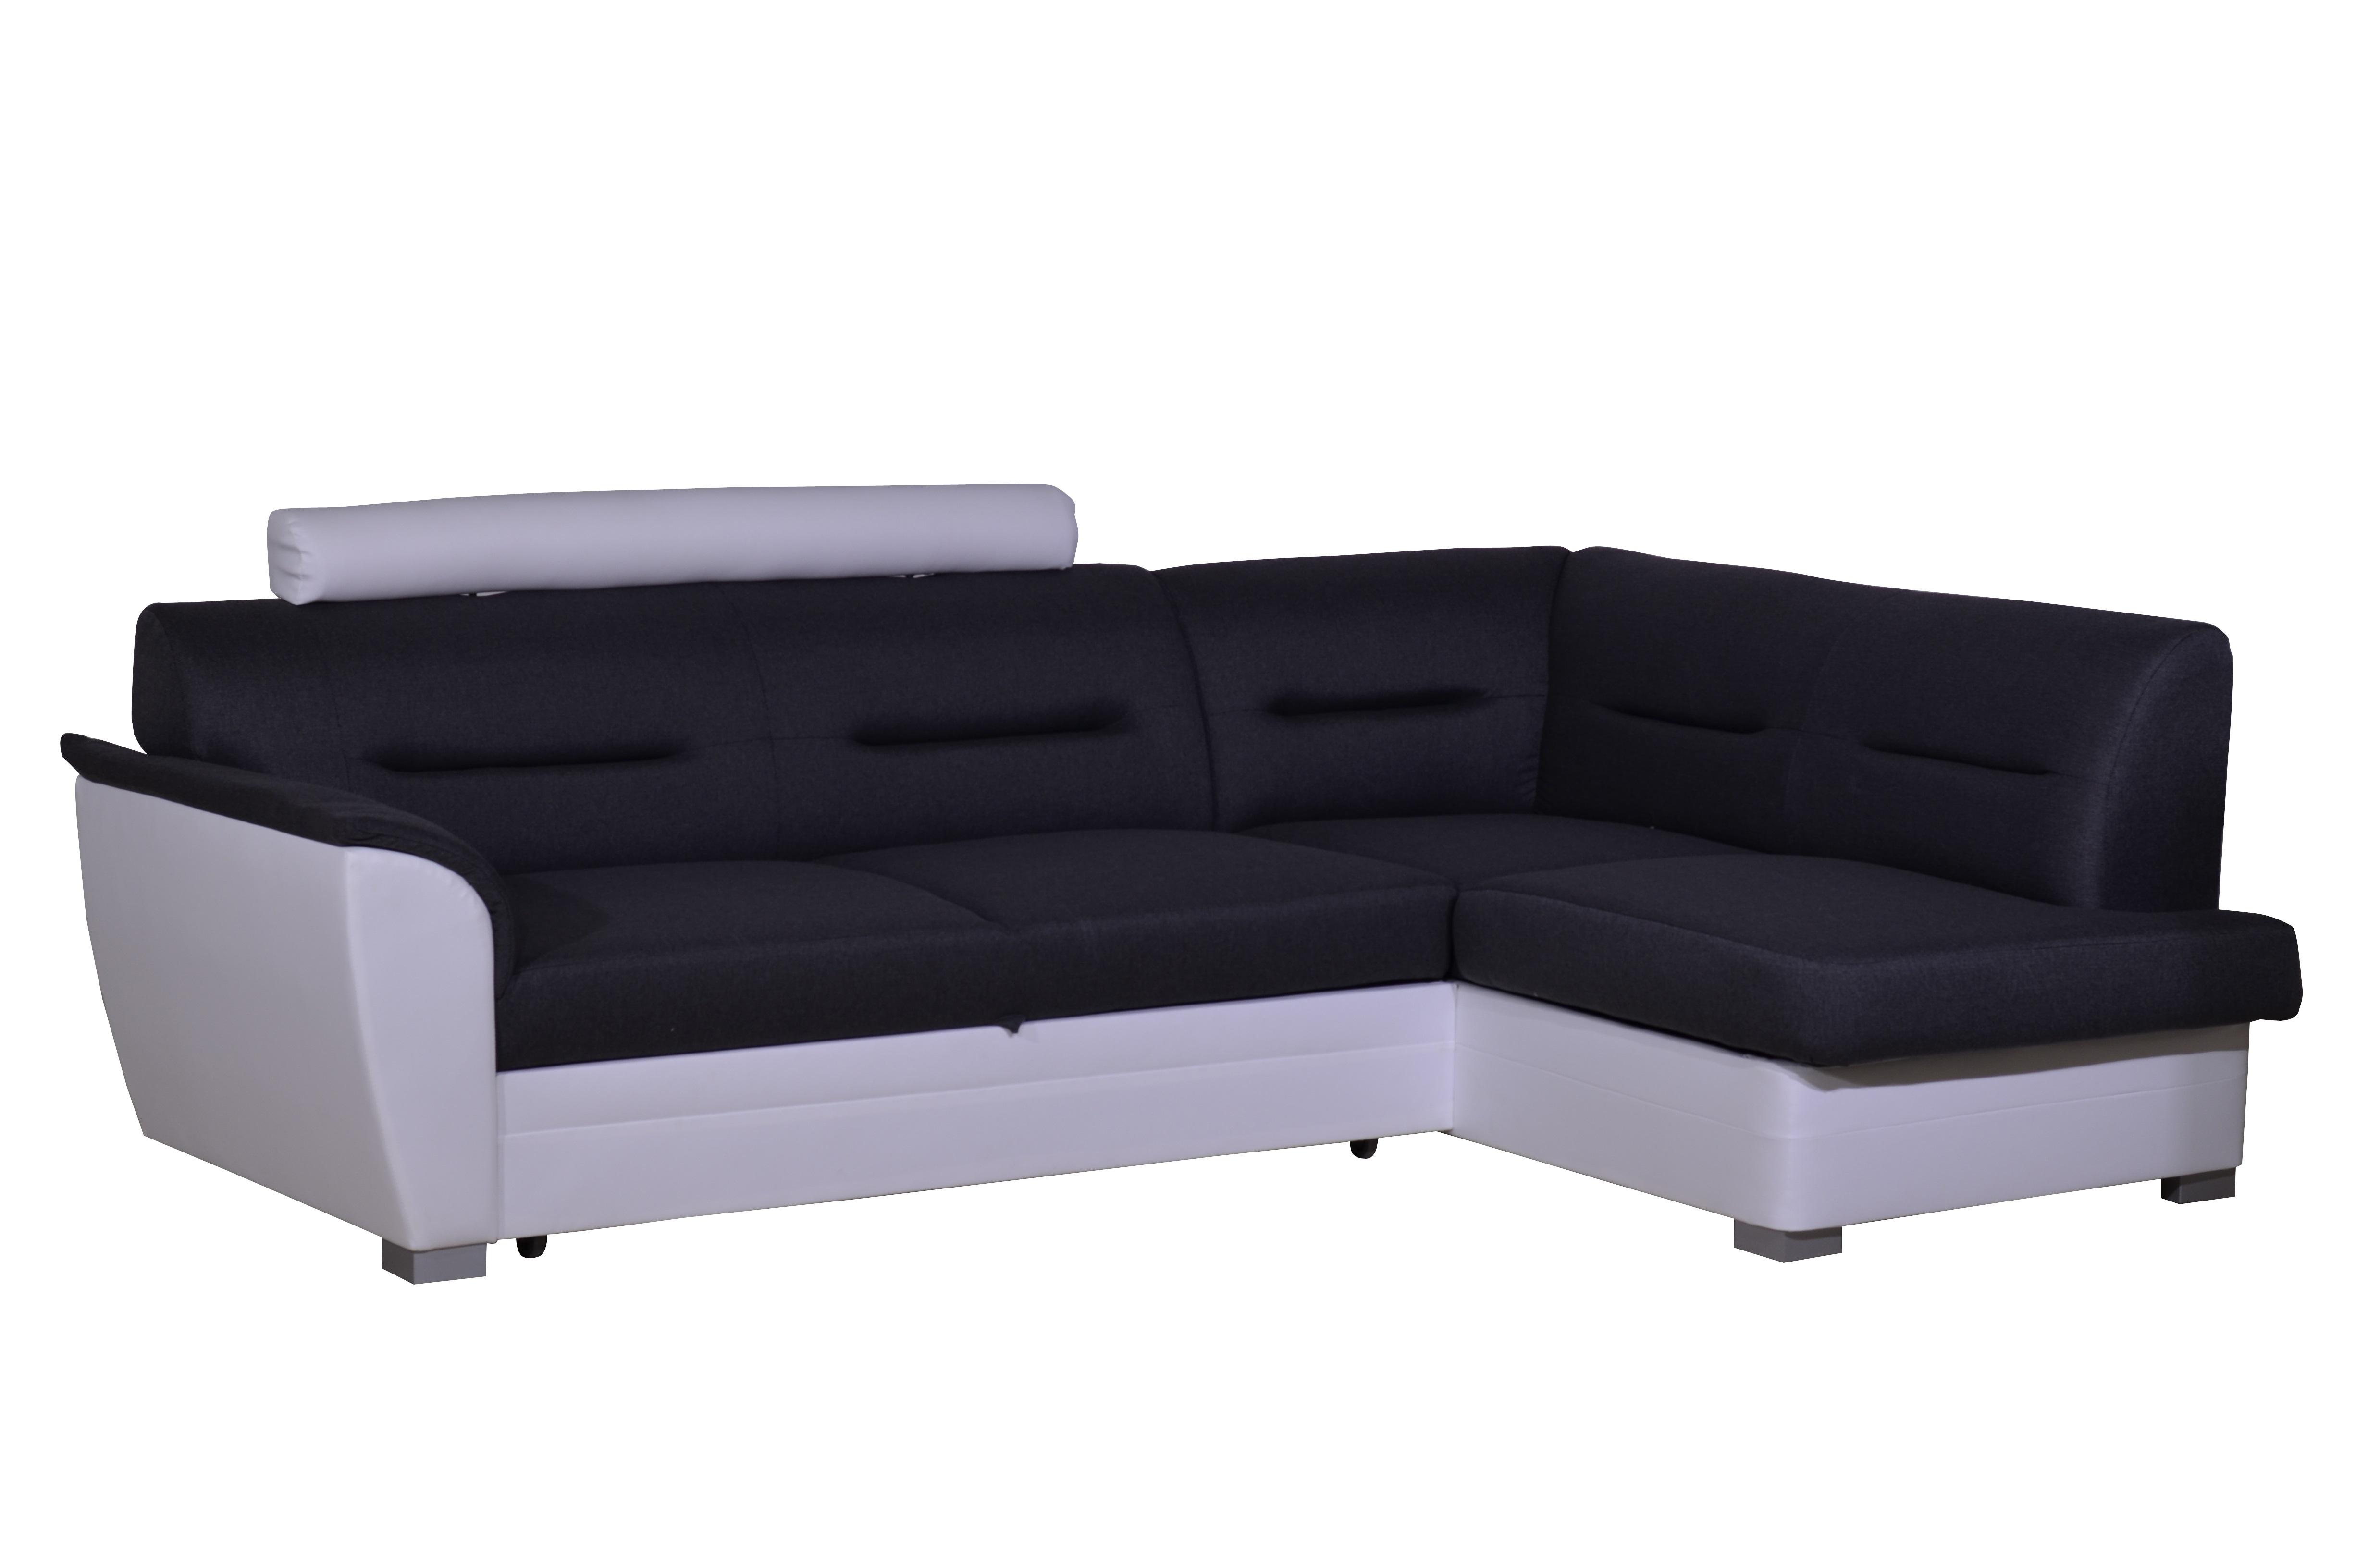 Rohová sedačka WILUNA se záhlavníkem, pravá, látka šedá/bílá ekokůže